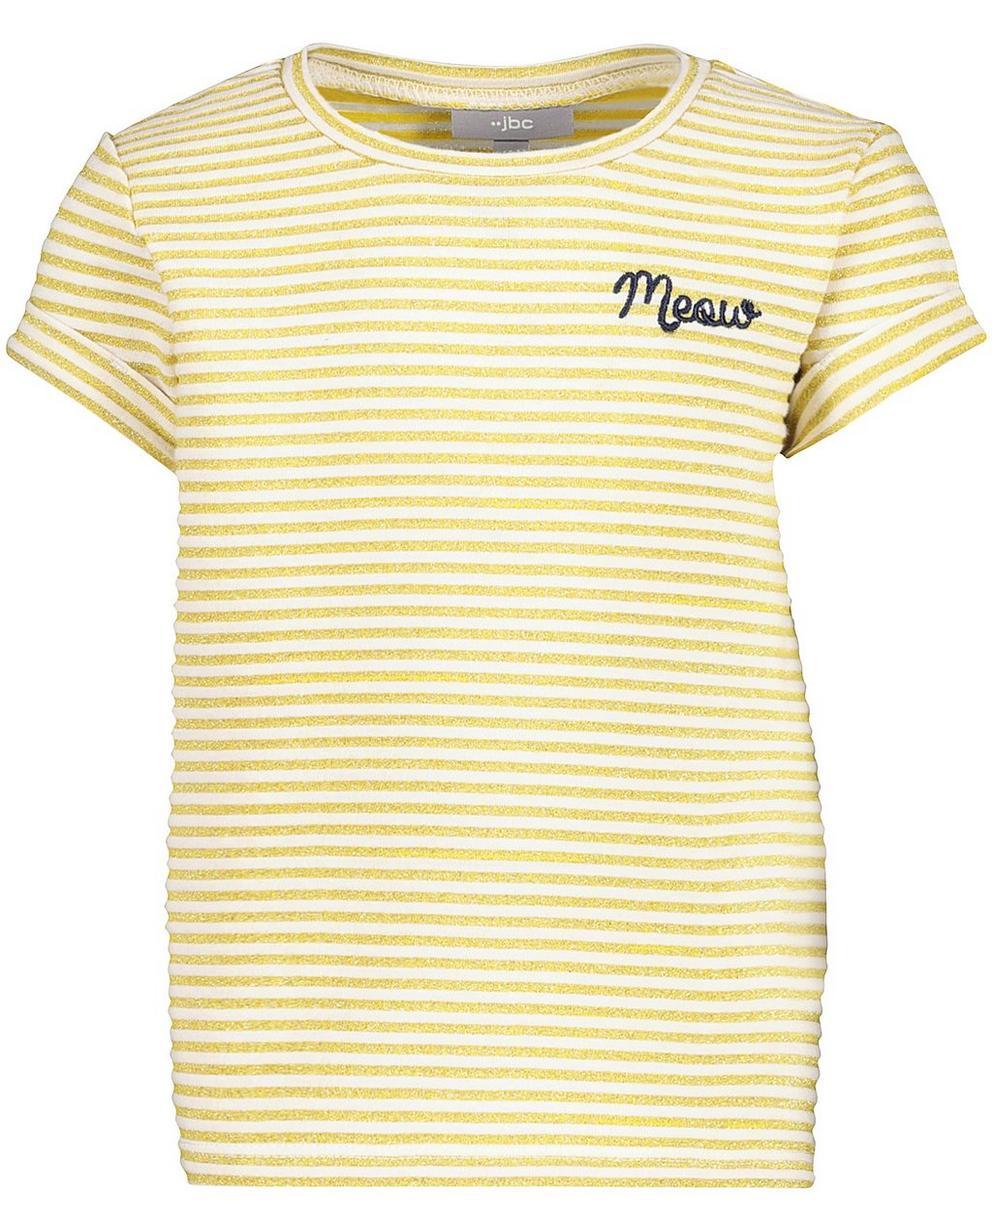 T-Shirts - AO1 - Gestreiftes T-Shirt mit Metallfaden